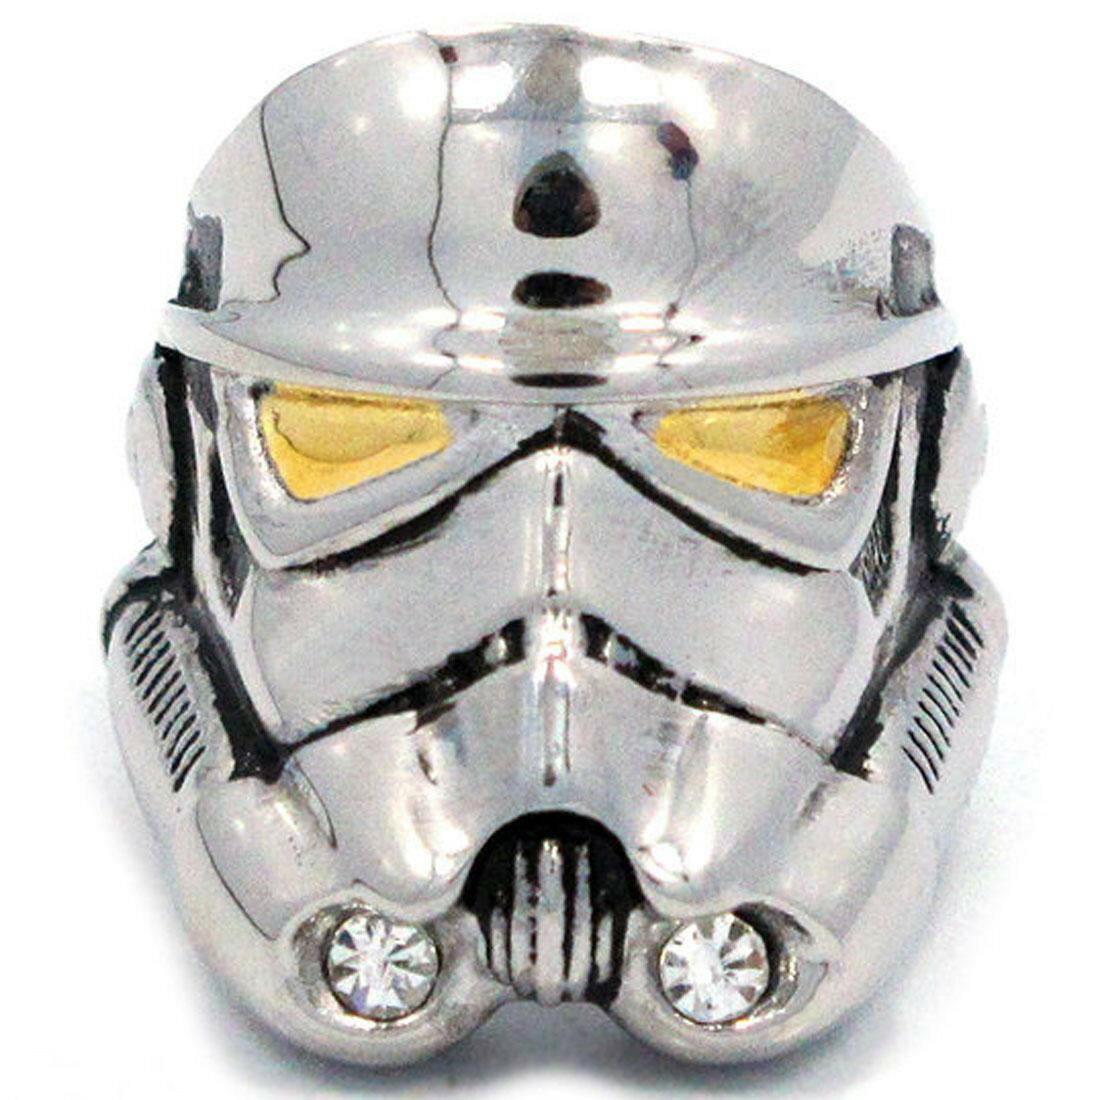 ウォーズ ハン ストームトゥルーパー リング スター han cholo x star wars stormtrooper ring silver 指輪 ジュエリー 男女兼用アクセサリー アクセサリー